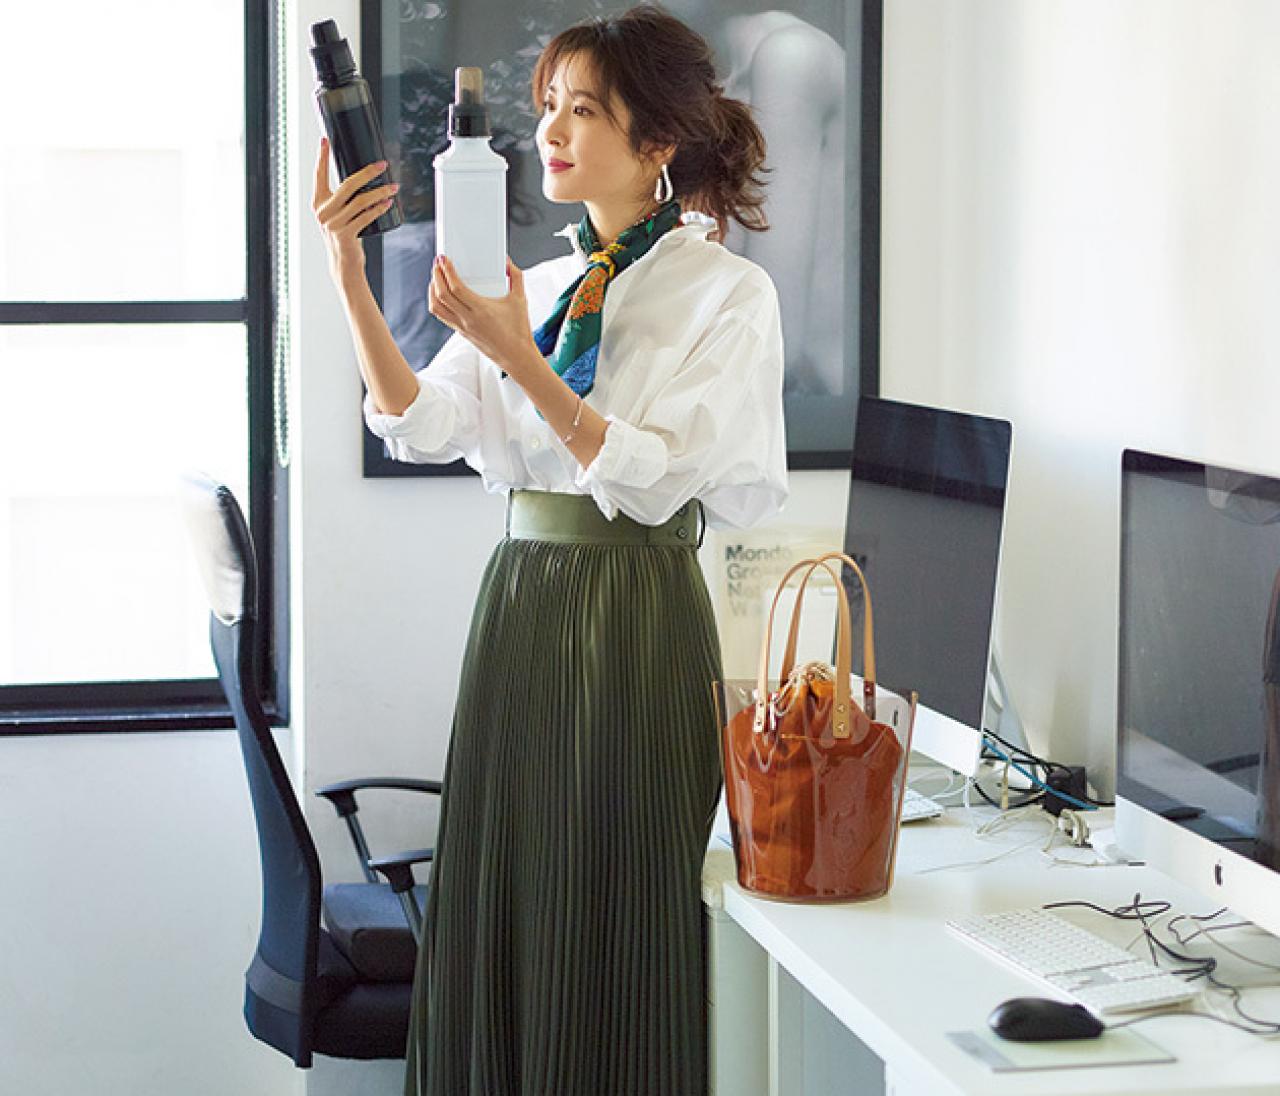 パリッとシャツの日は、甘くなりすぎないカーキプリーツスカートを!【2018/5/22のコーデ】